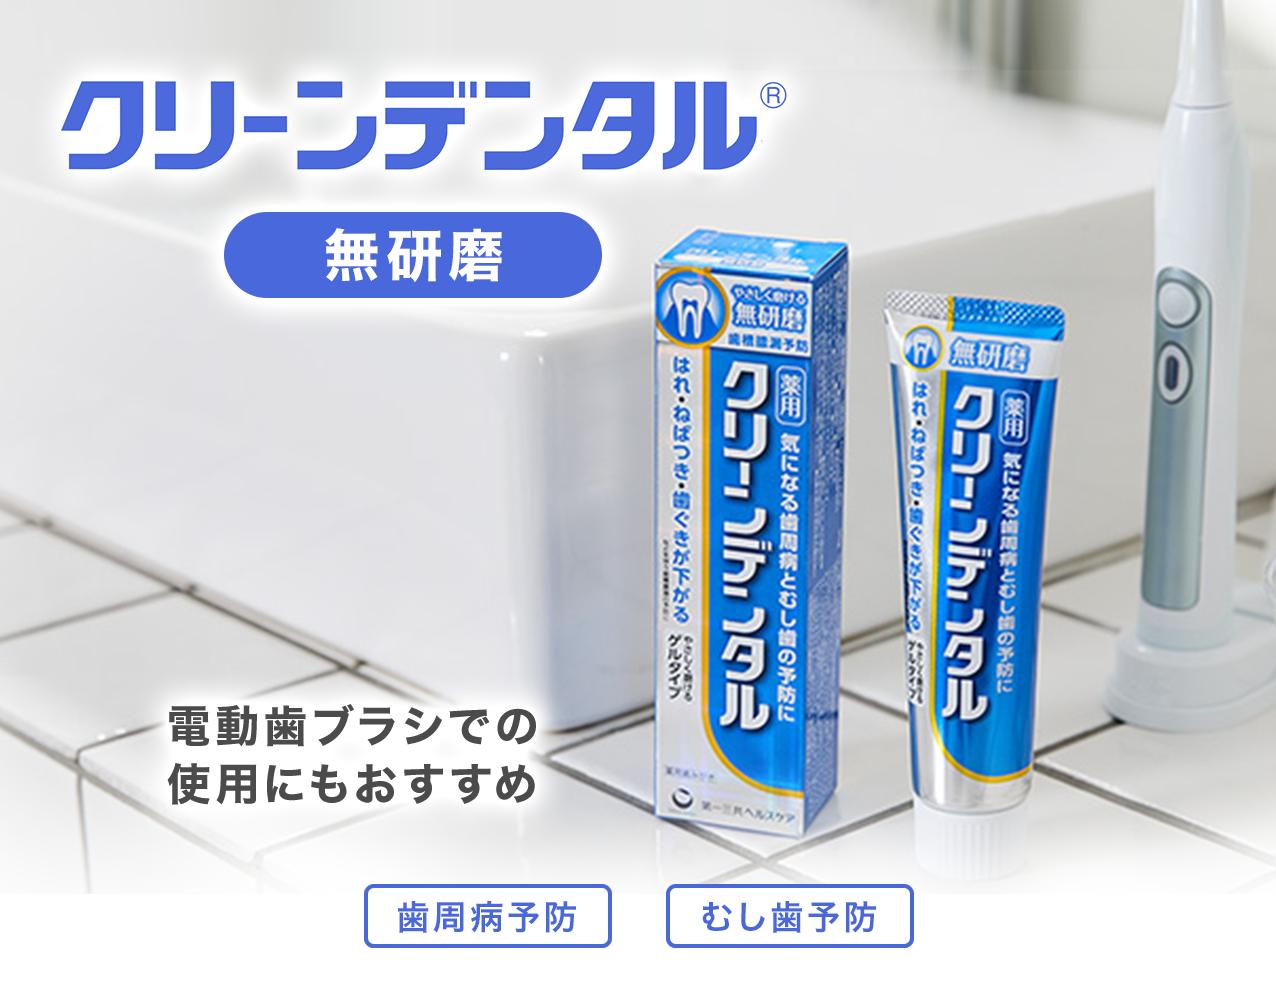 クリーンデンタル® 無研磨 医薬部外品 電動歯ブラシでの使用にもおすすめ 歯周病予防 むし歯予防